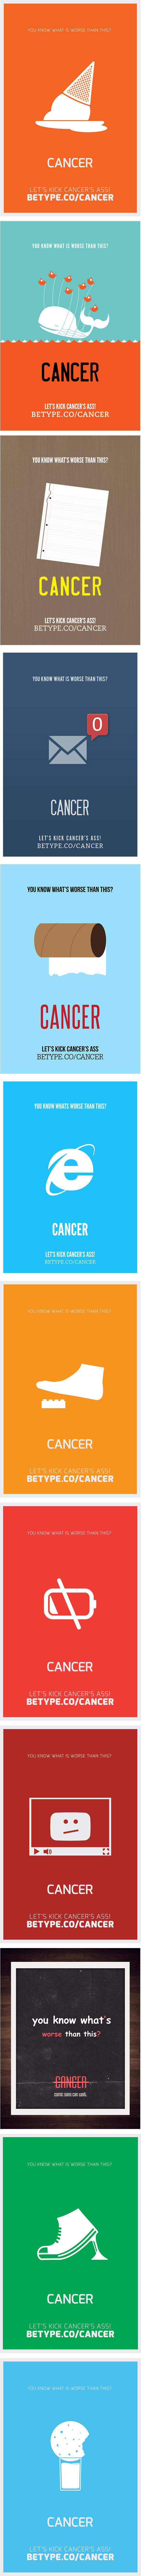 LOL_cancer